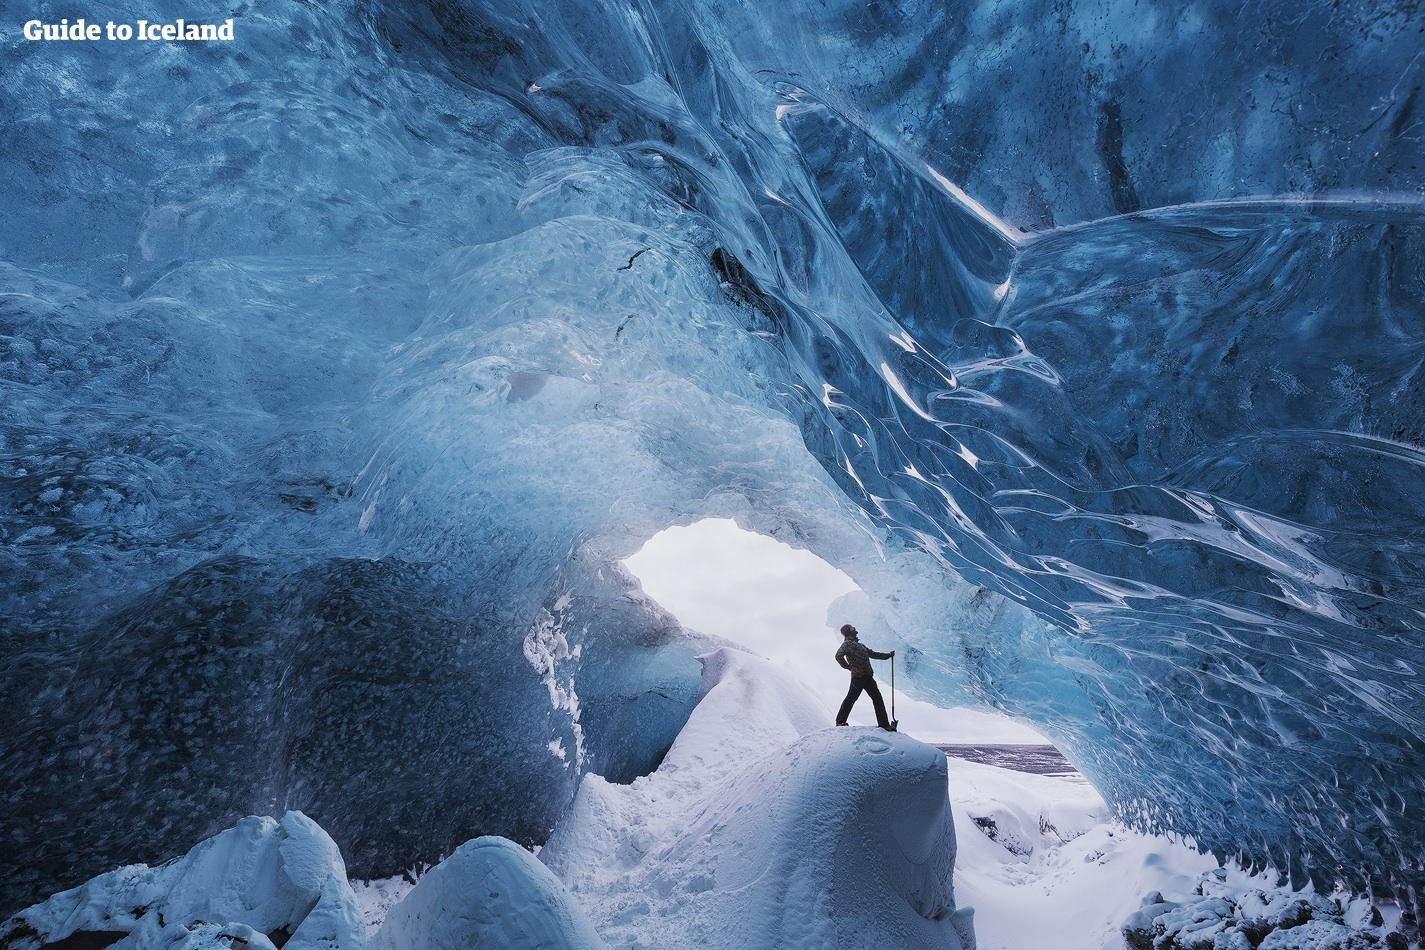 Sono necessari caschi e ramponi per entrare in una grotta di ghiaccio, quindi indossa cappelli sottili e scarpe da trekking decenti.